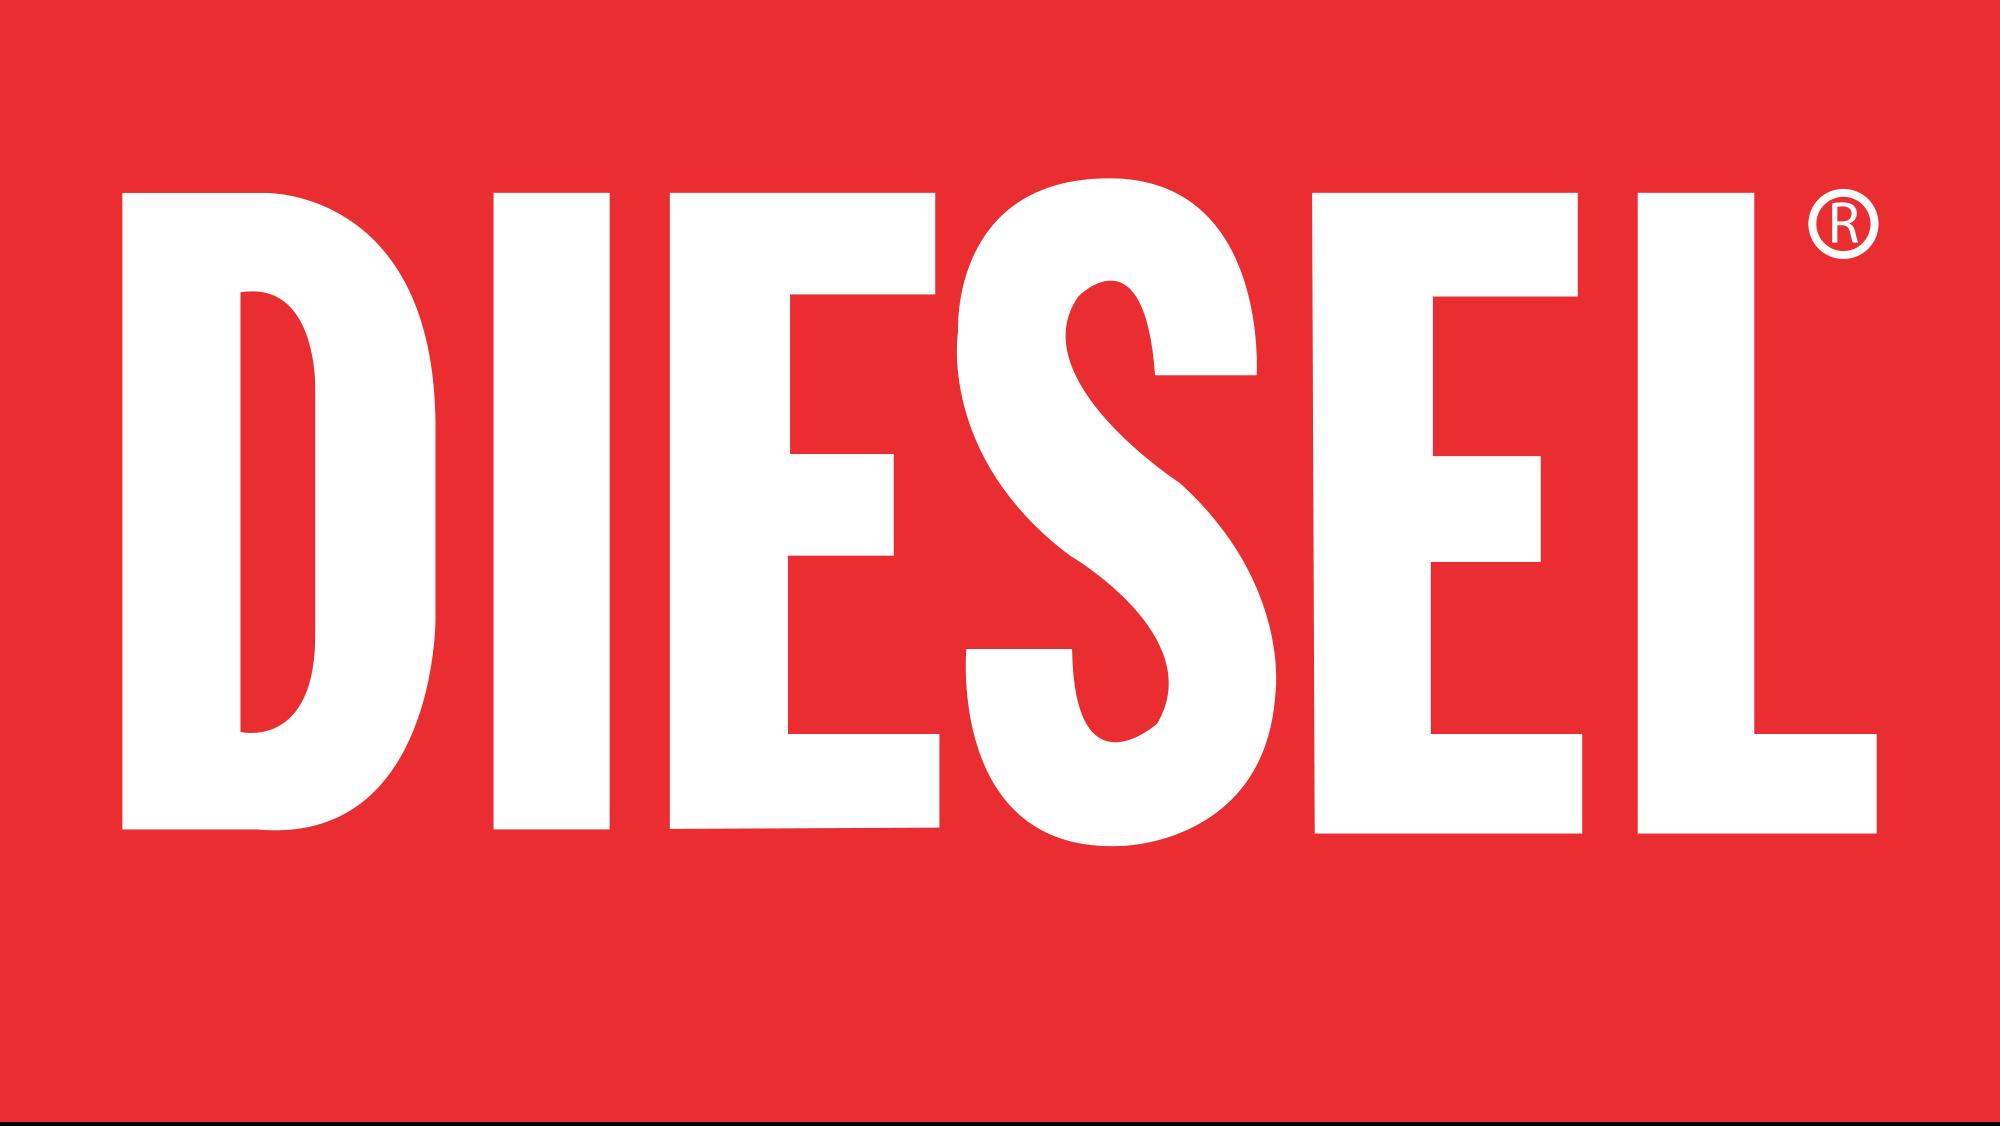 Le logo de Diesel